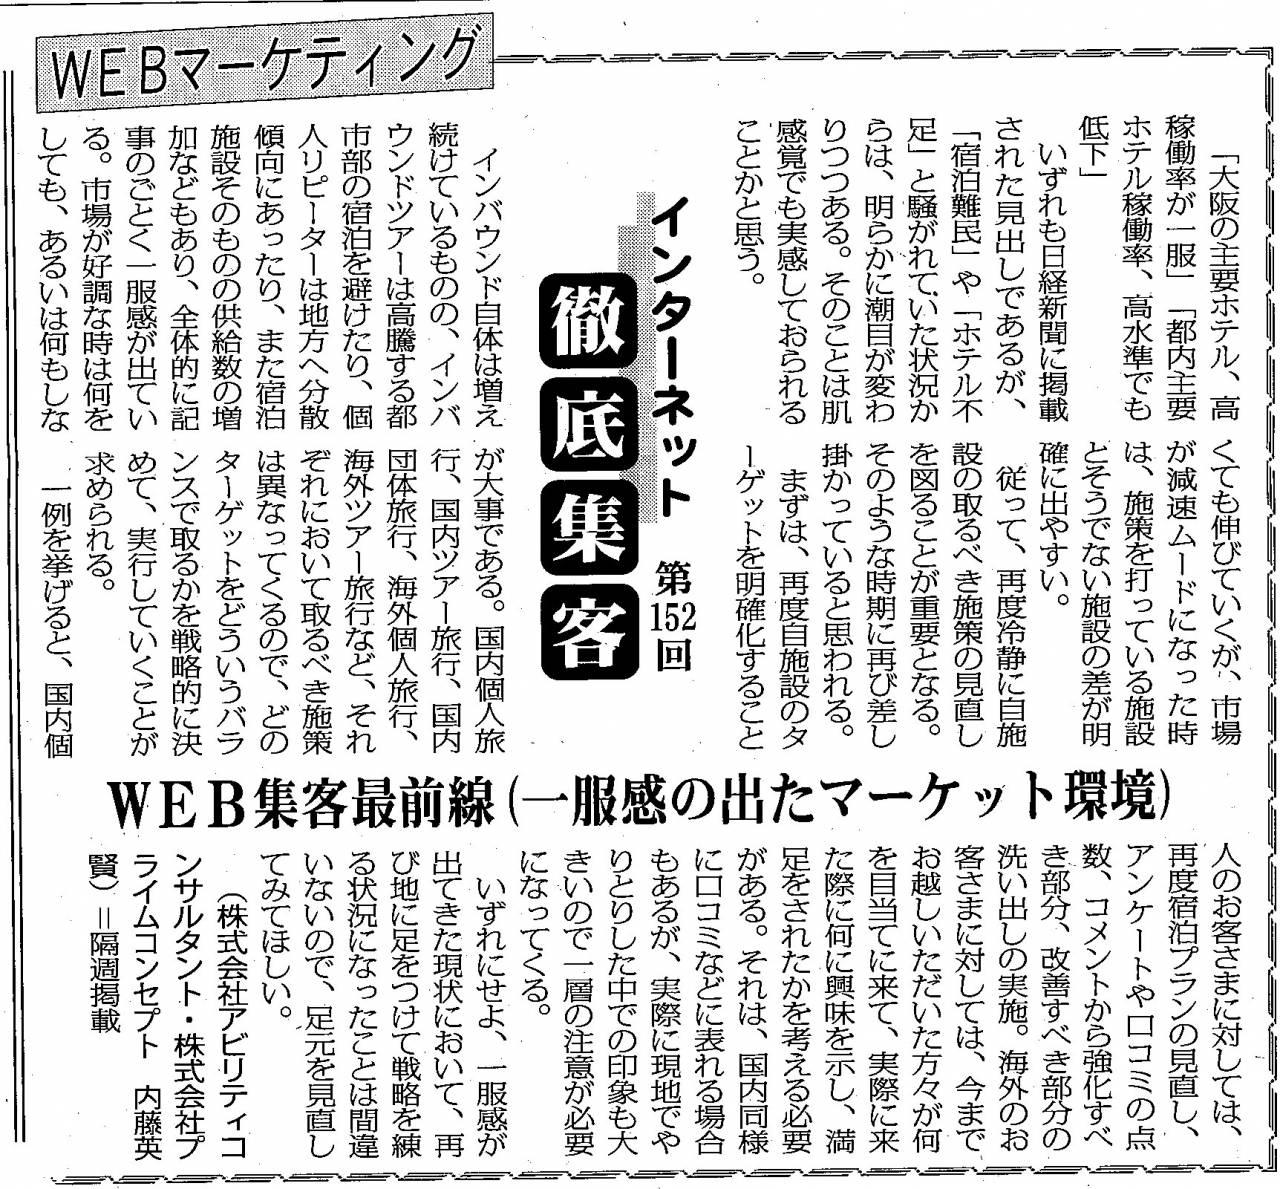 【第152回】WEBマーケティング HPの最新トレンド( 一服感の出たマーケット環境 )